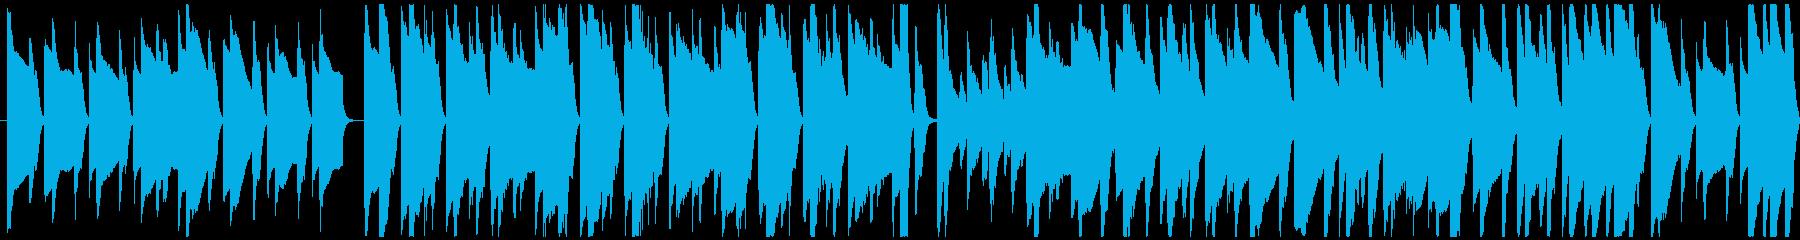 推理場面などをイメージしたピアノメイン曲の再生済みの波形